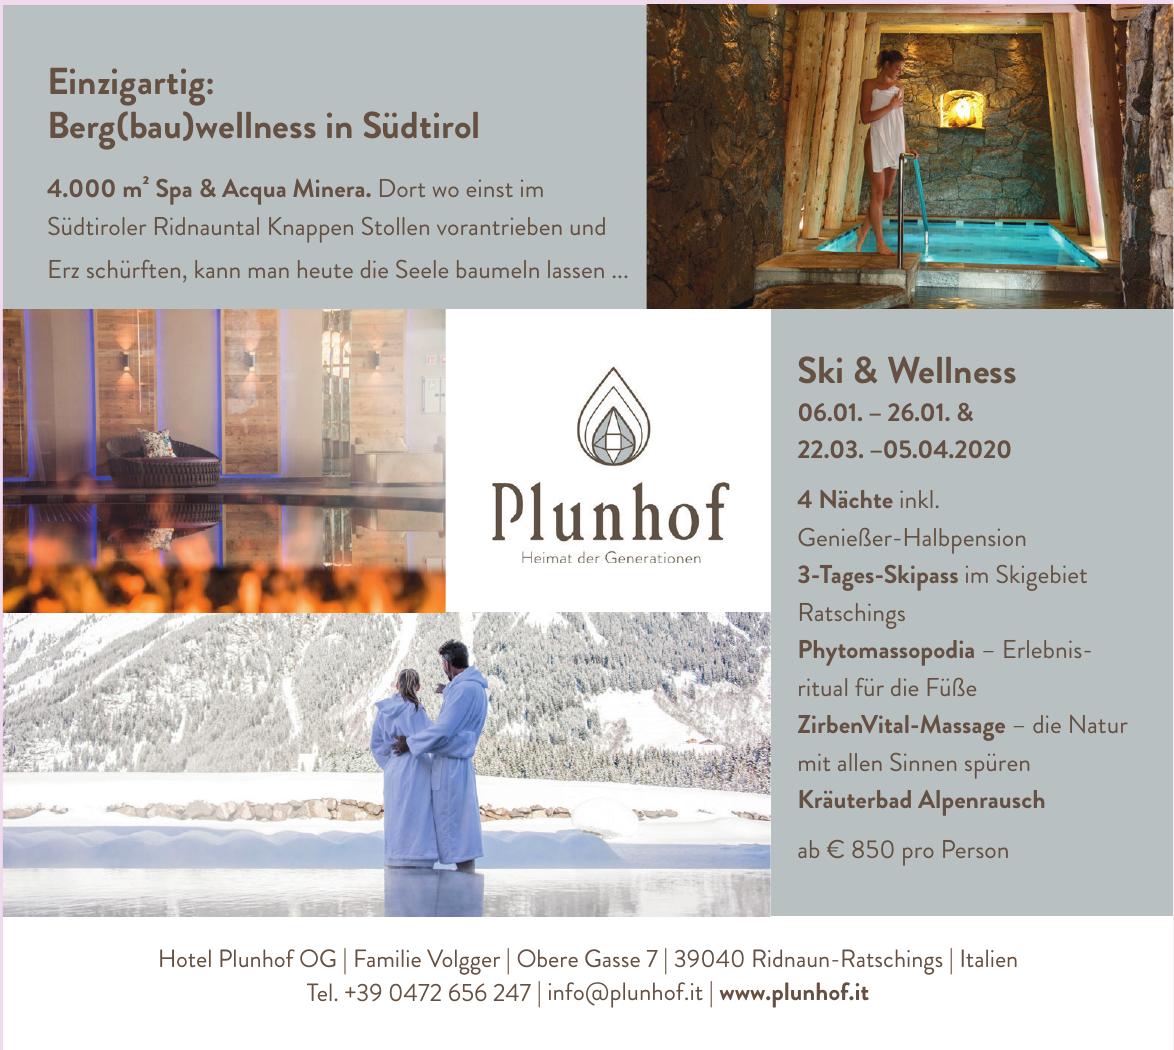 Hotel Plunhof OG